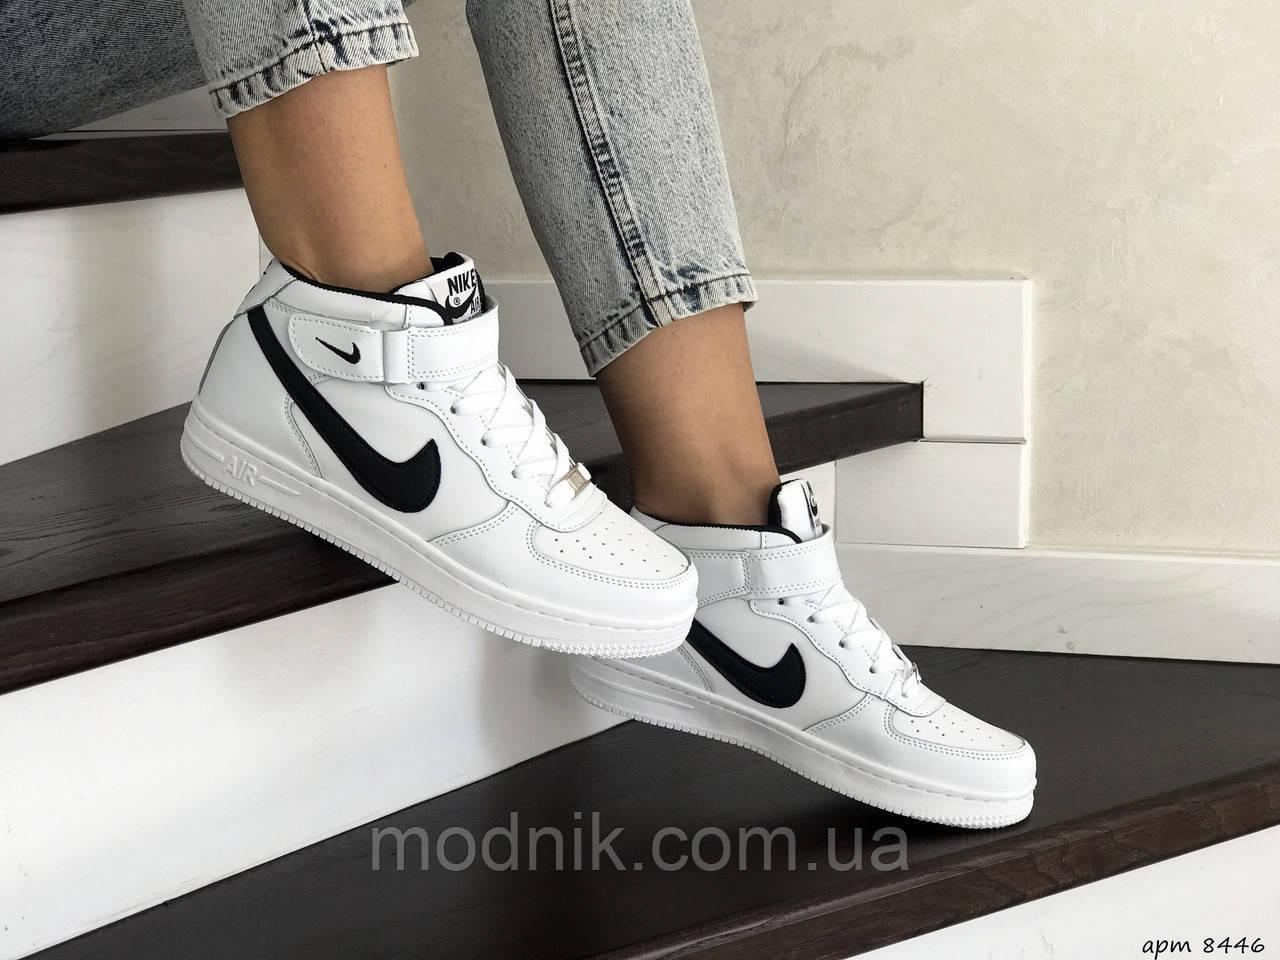 Женски кроссовки Nike Air Force (бело-черные)